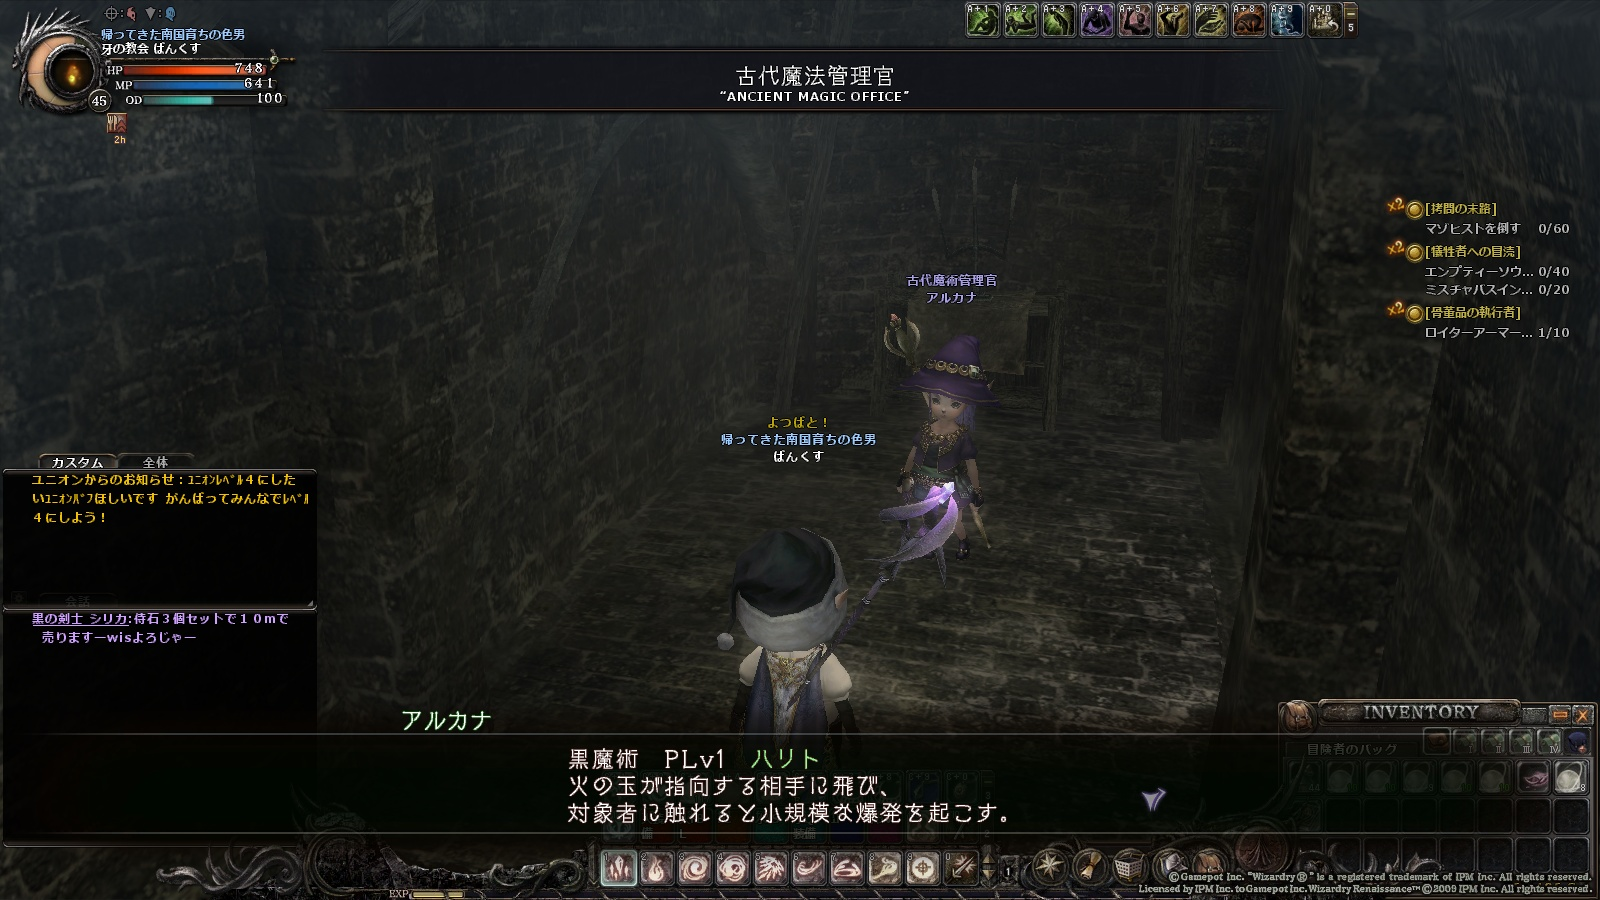 wo_20130307_154345.jpg